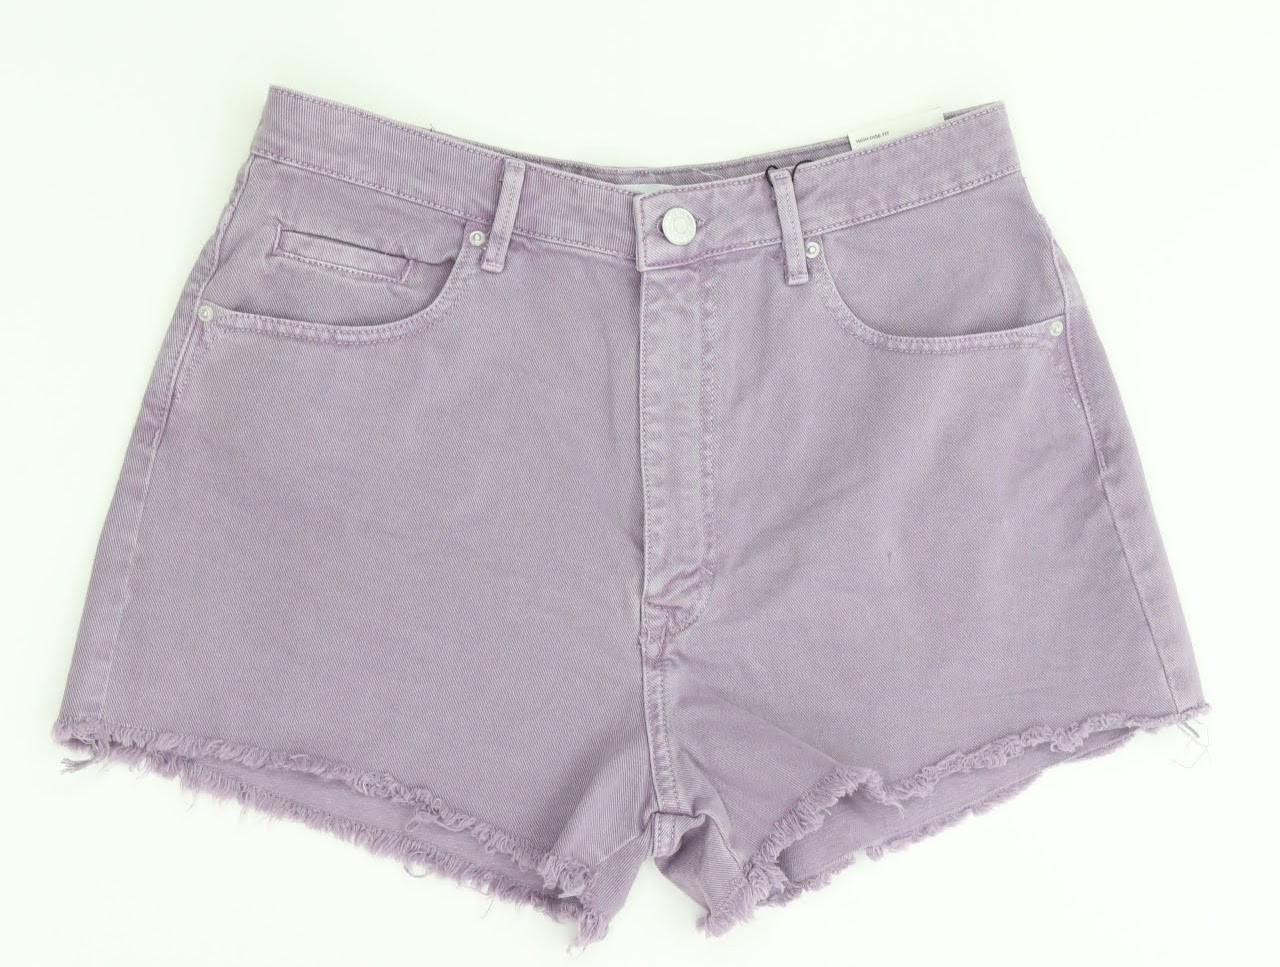 Shorts Jeans - Zara - 42